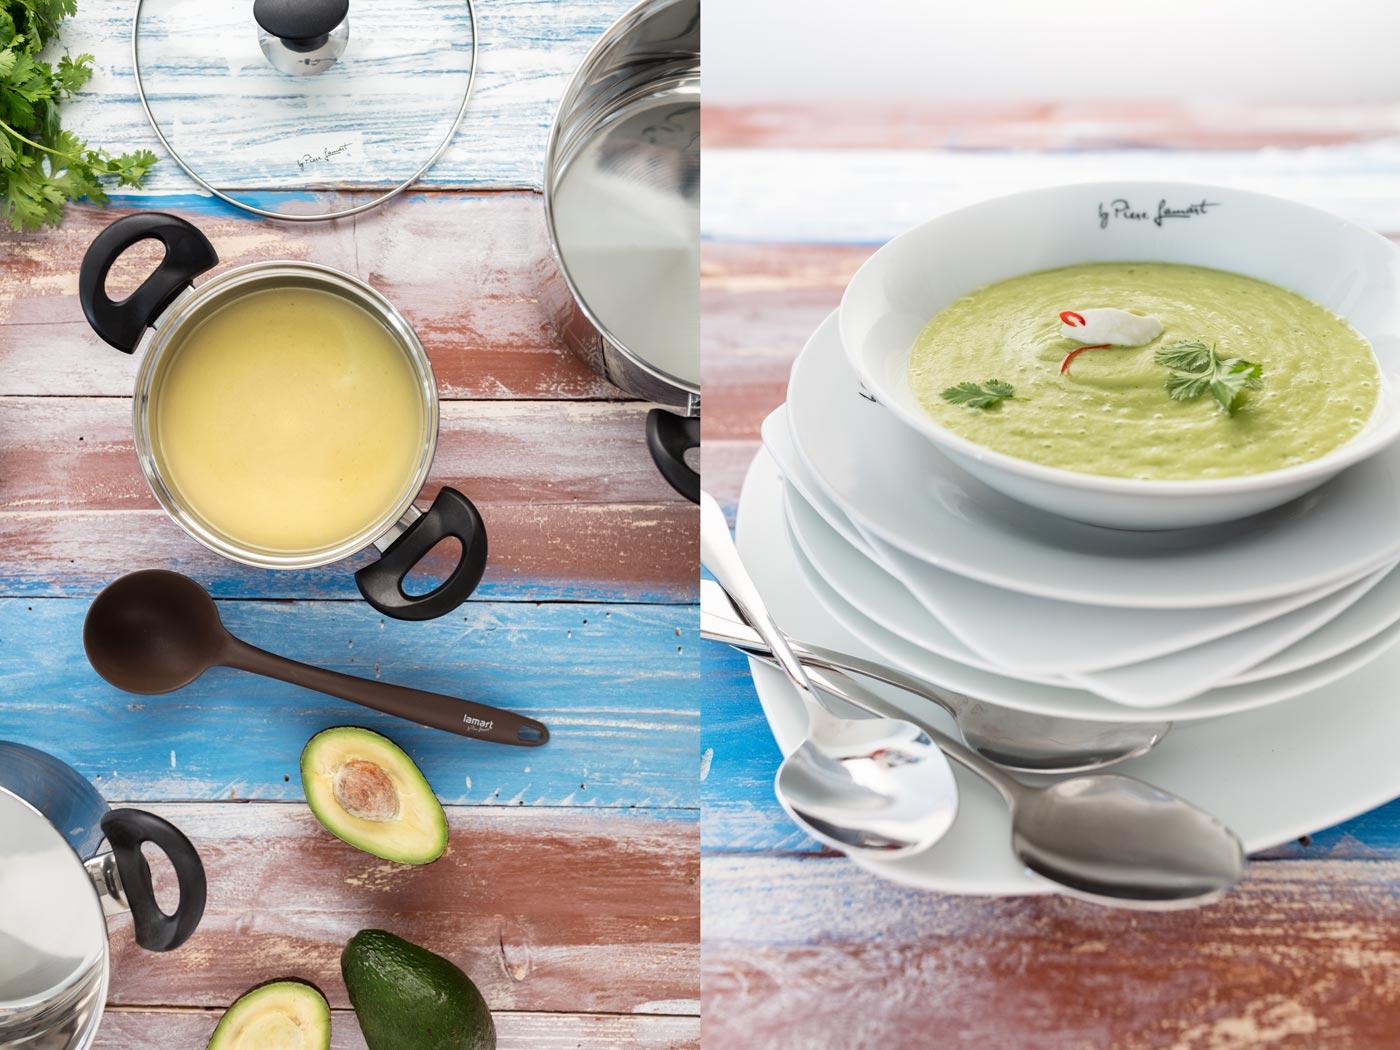 Recipe image of avocado cream soup